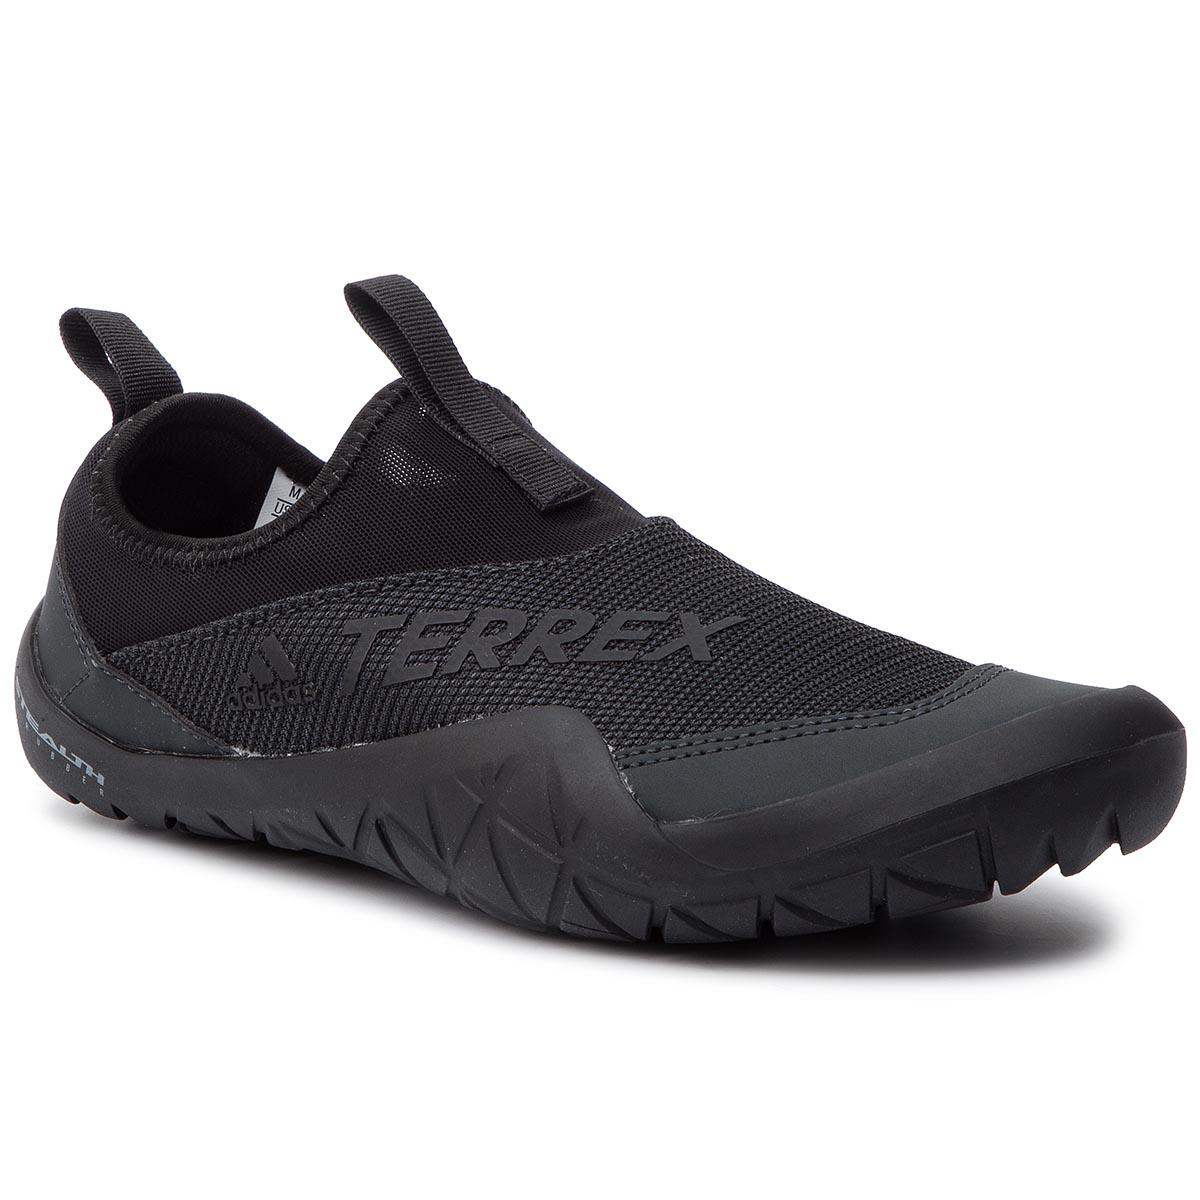 Cipő adidas Terrex Cc Jawpaw II CM7531 CBlackCblackCarbon